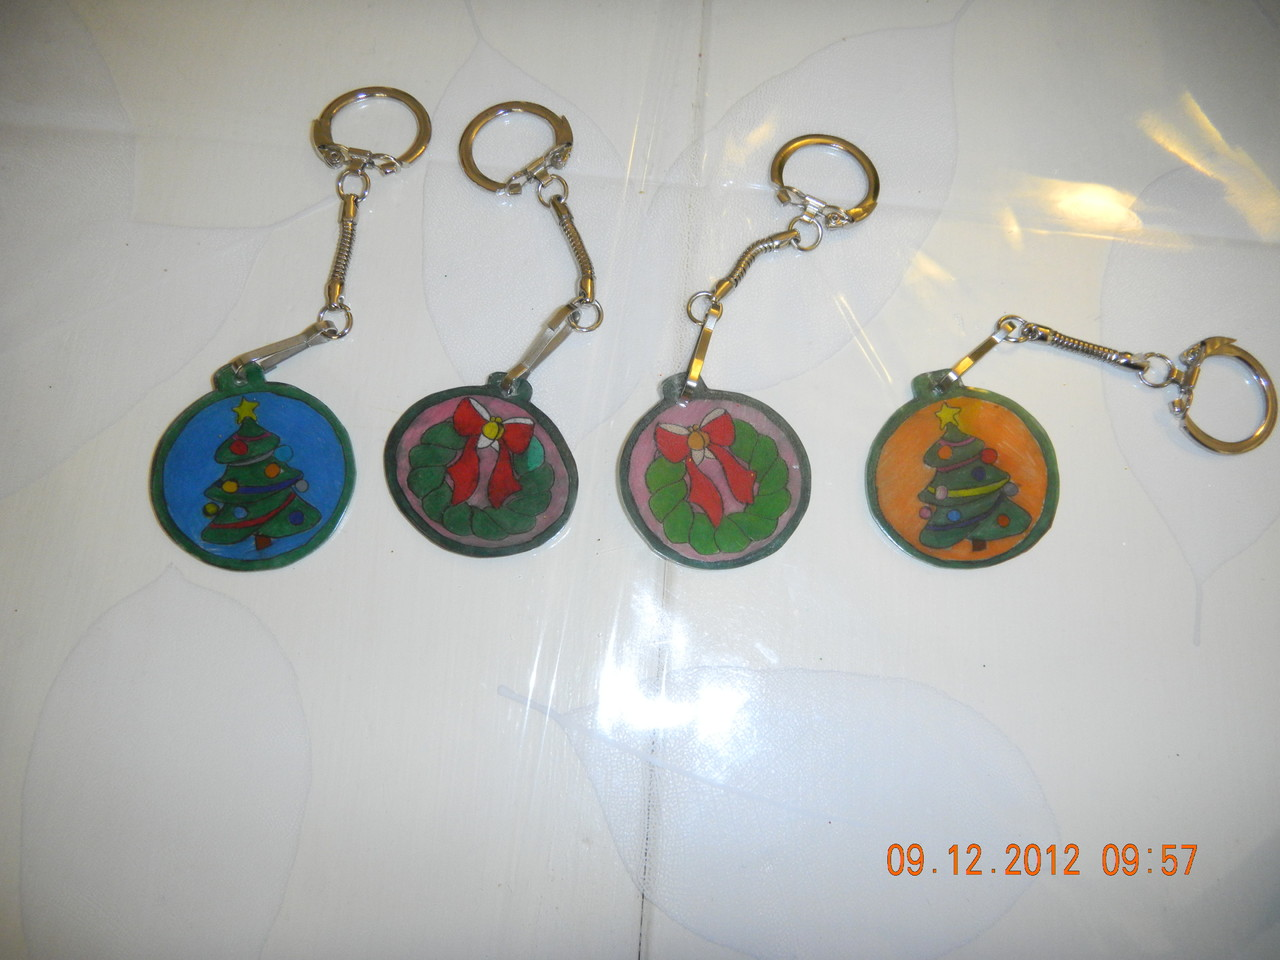 Portes clefs avec plastique dingue